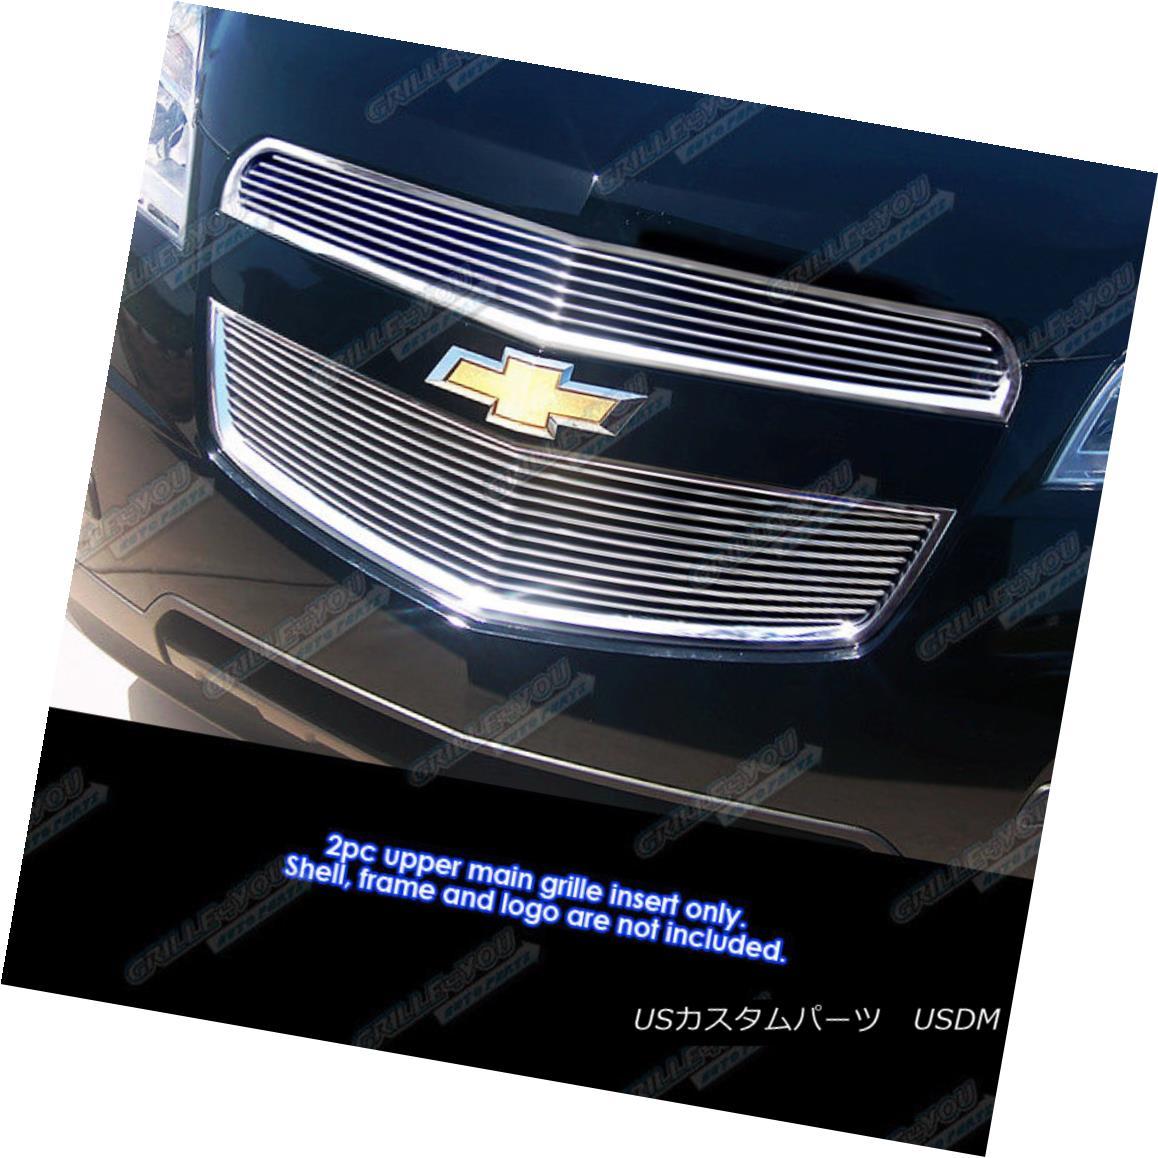 グリル Fits 2010-2015 Chevy Equinox Main Upper Billet Grille Grill Insert フィット2010-2015シェビーイクイノックスメインアッパービレットグリルグリルインサート